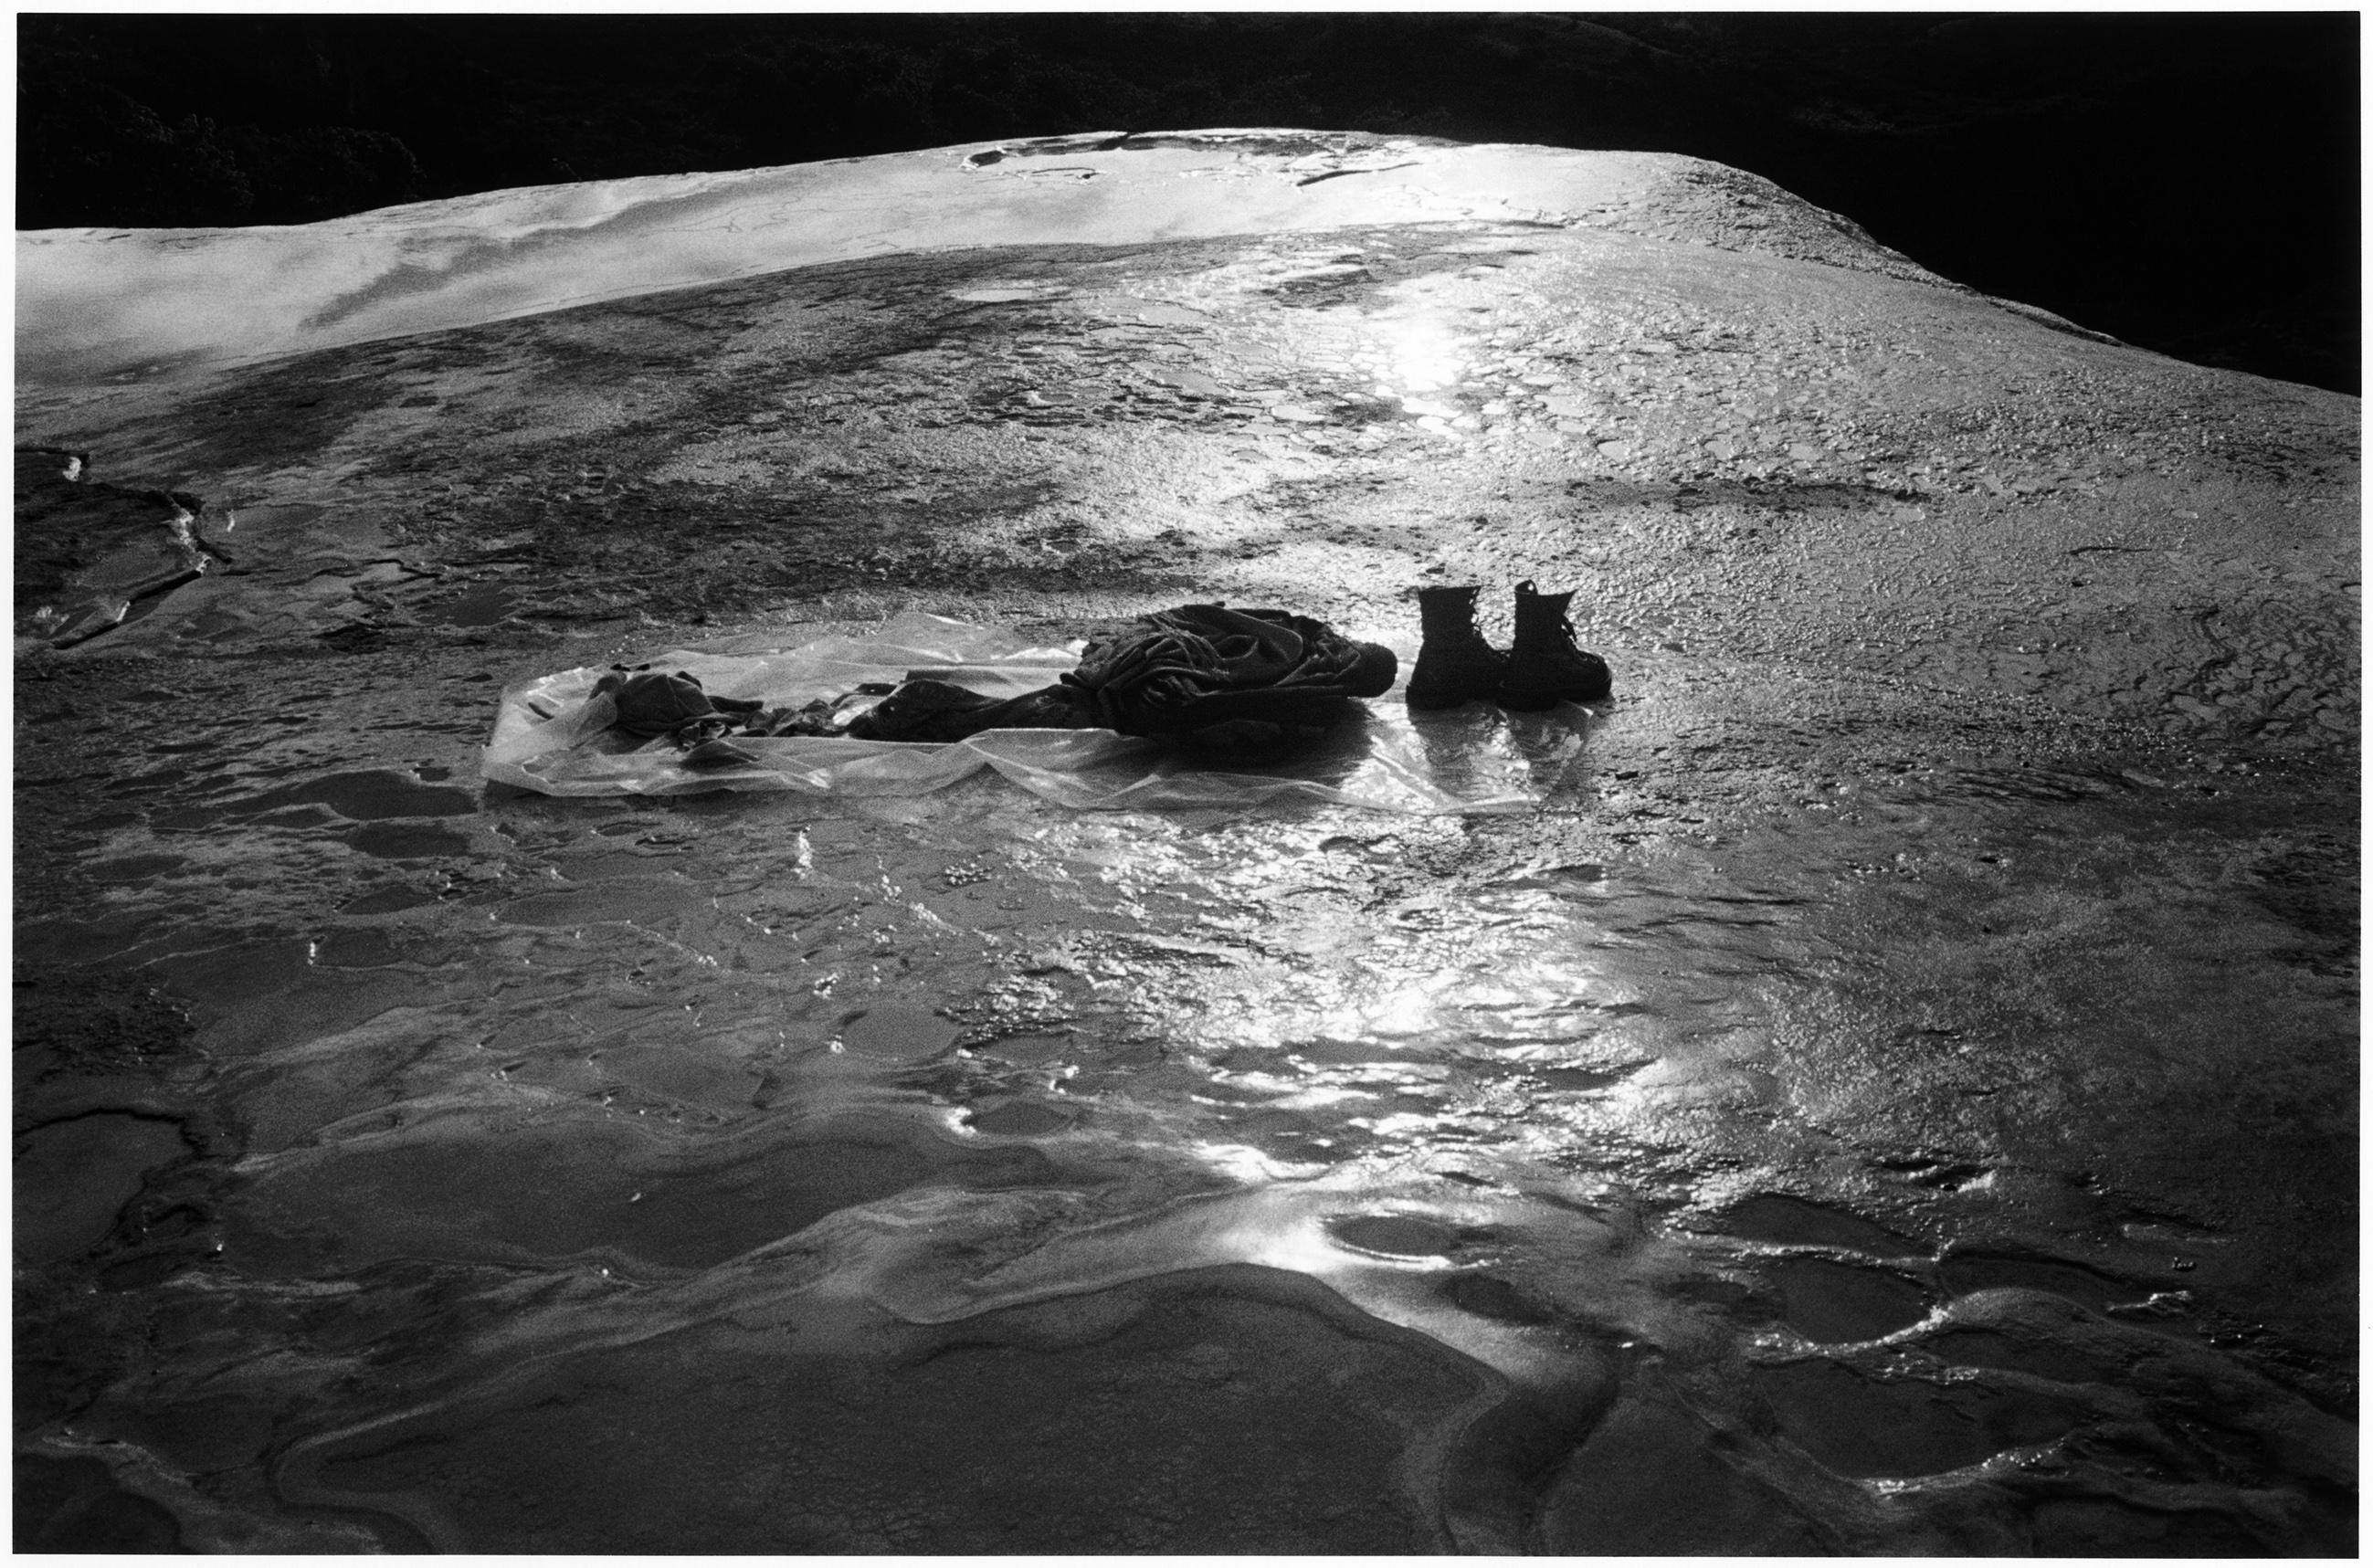 Adriana Lestido, Hierve el agua, Oaxaca, 2010, toma directa, gelatina de plata sobre papel baritado, 38,5x58cm, ed. 15 AP en alta